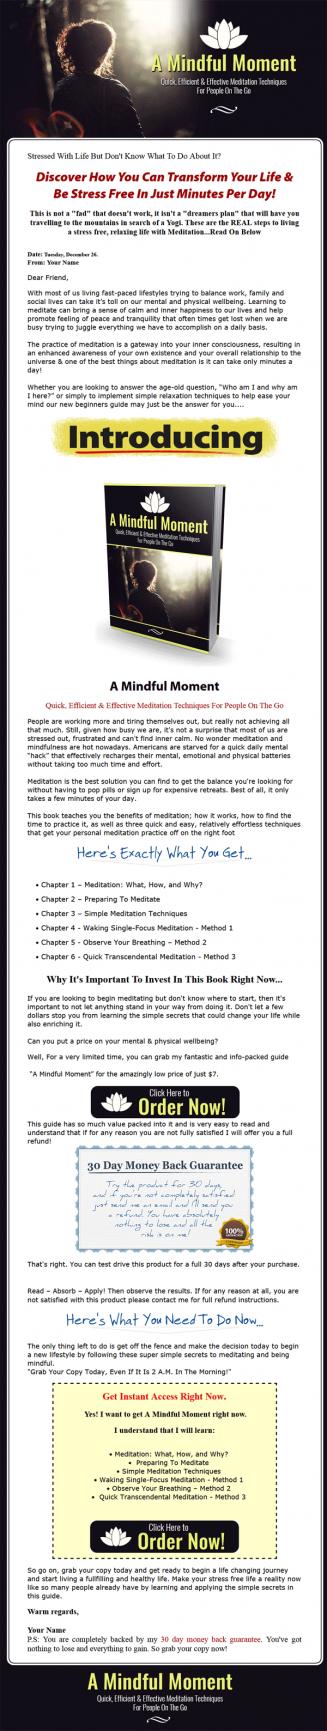 mindful moment meditation ebook